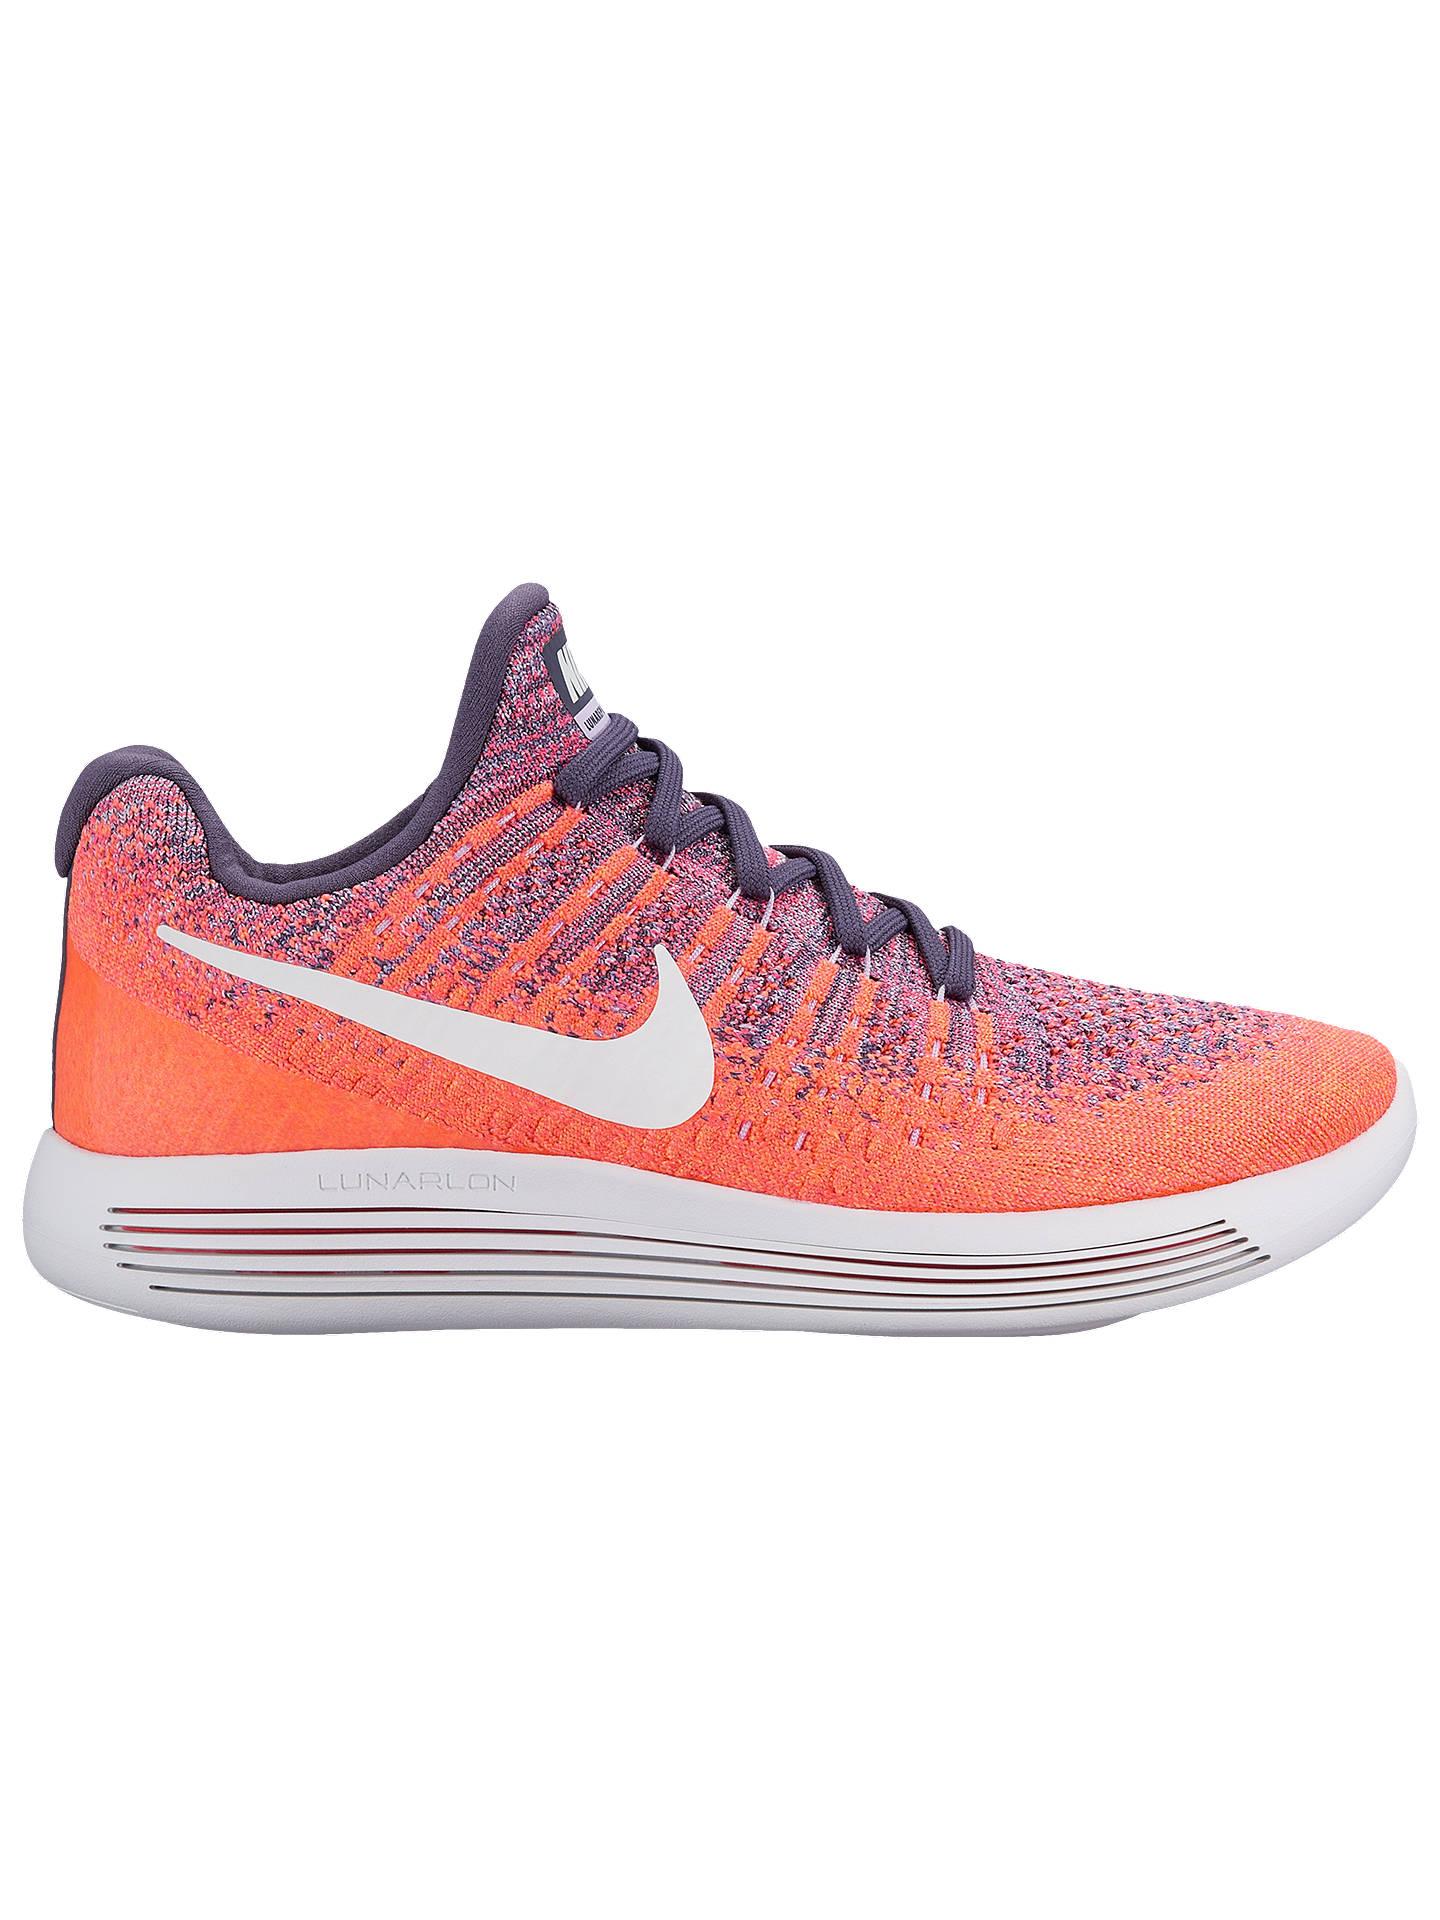 2bbfe8d7753fd Buy Nike LunarEpic Low Flyknit 2 Women s Running Shoes